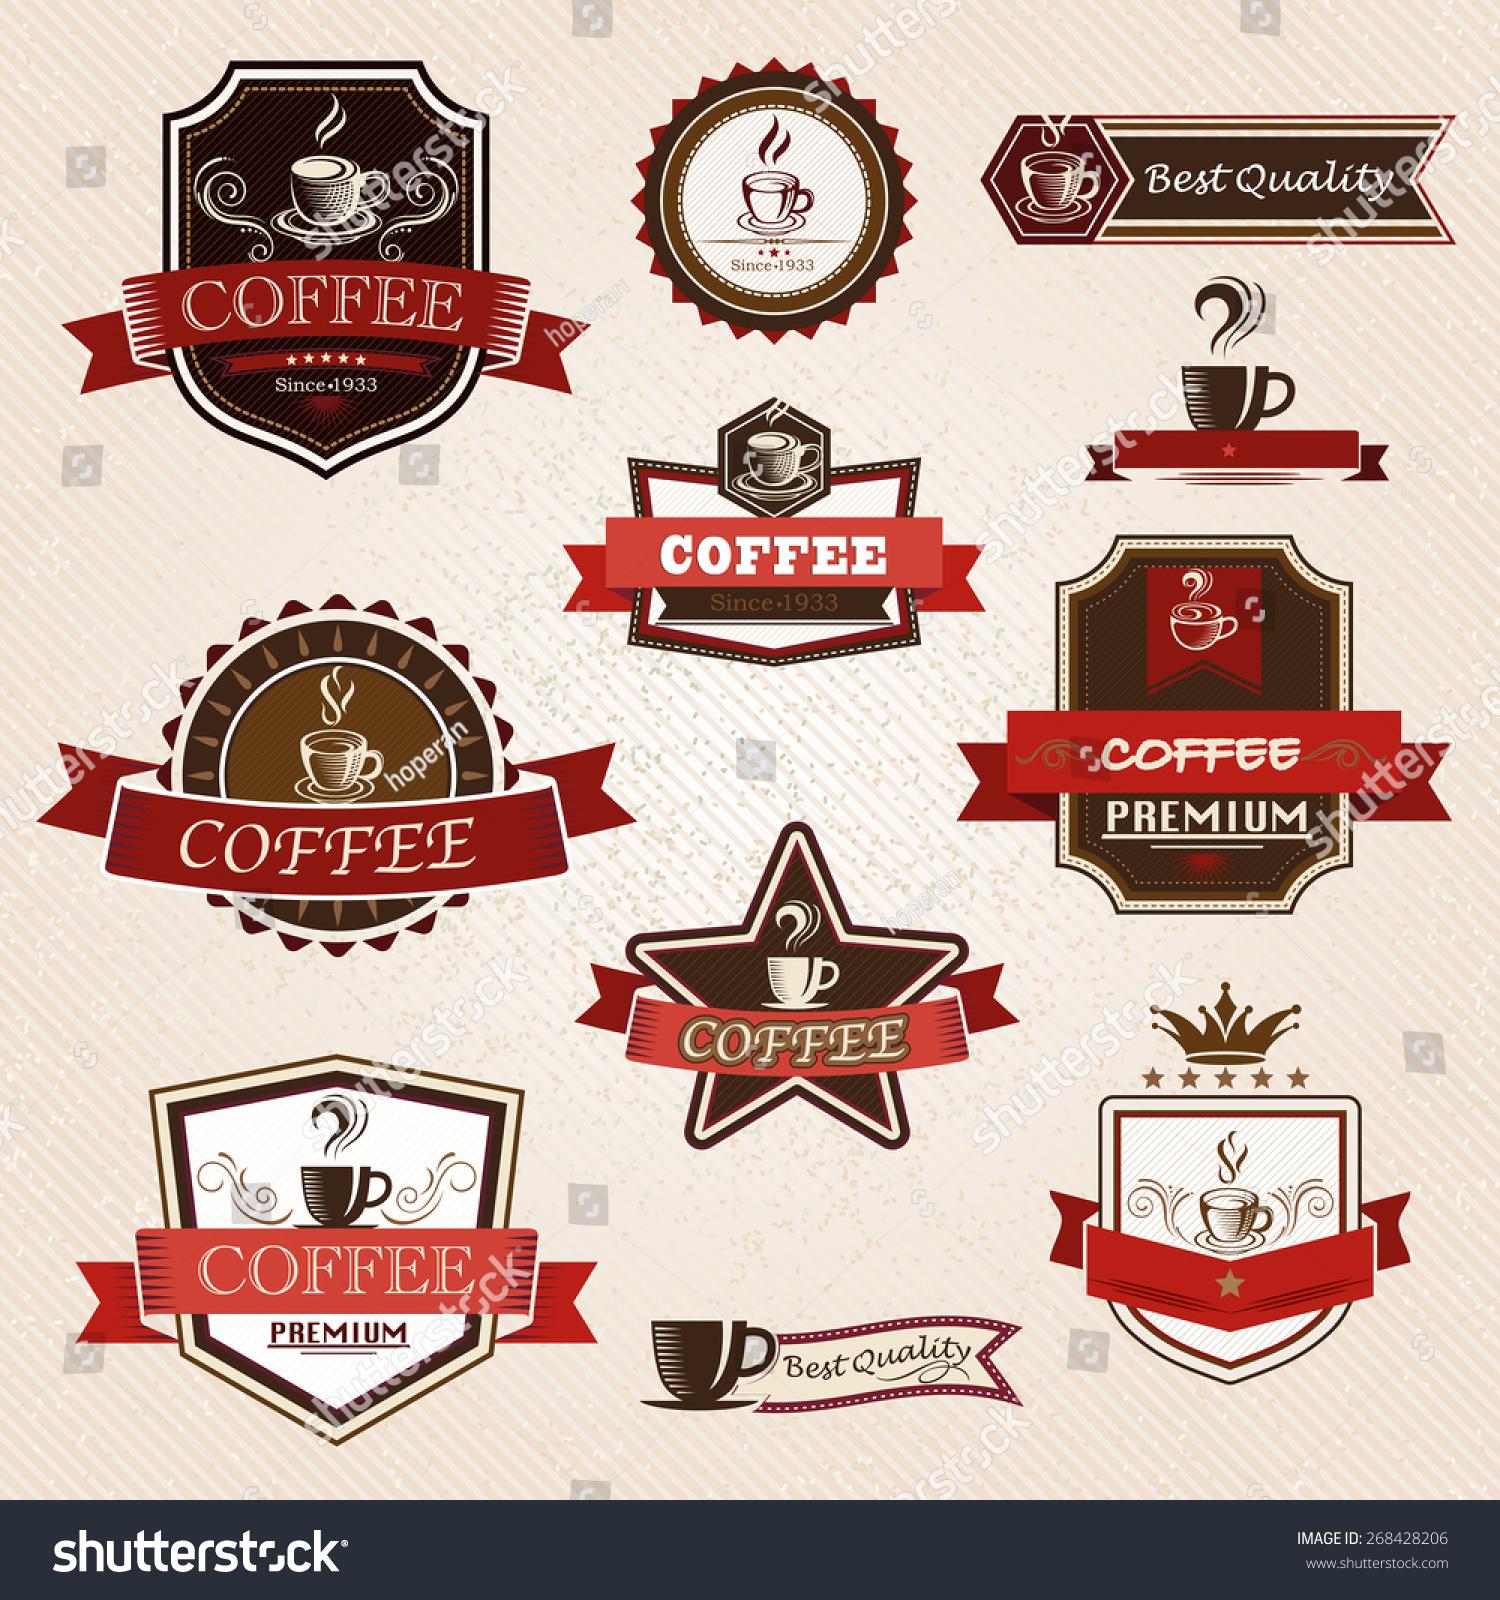 咖啡的标签设计元素-食品及饮料,符号/标志-海洛创意